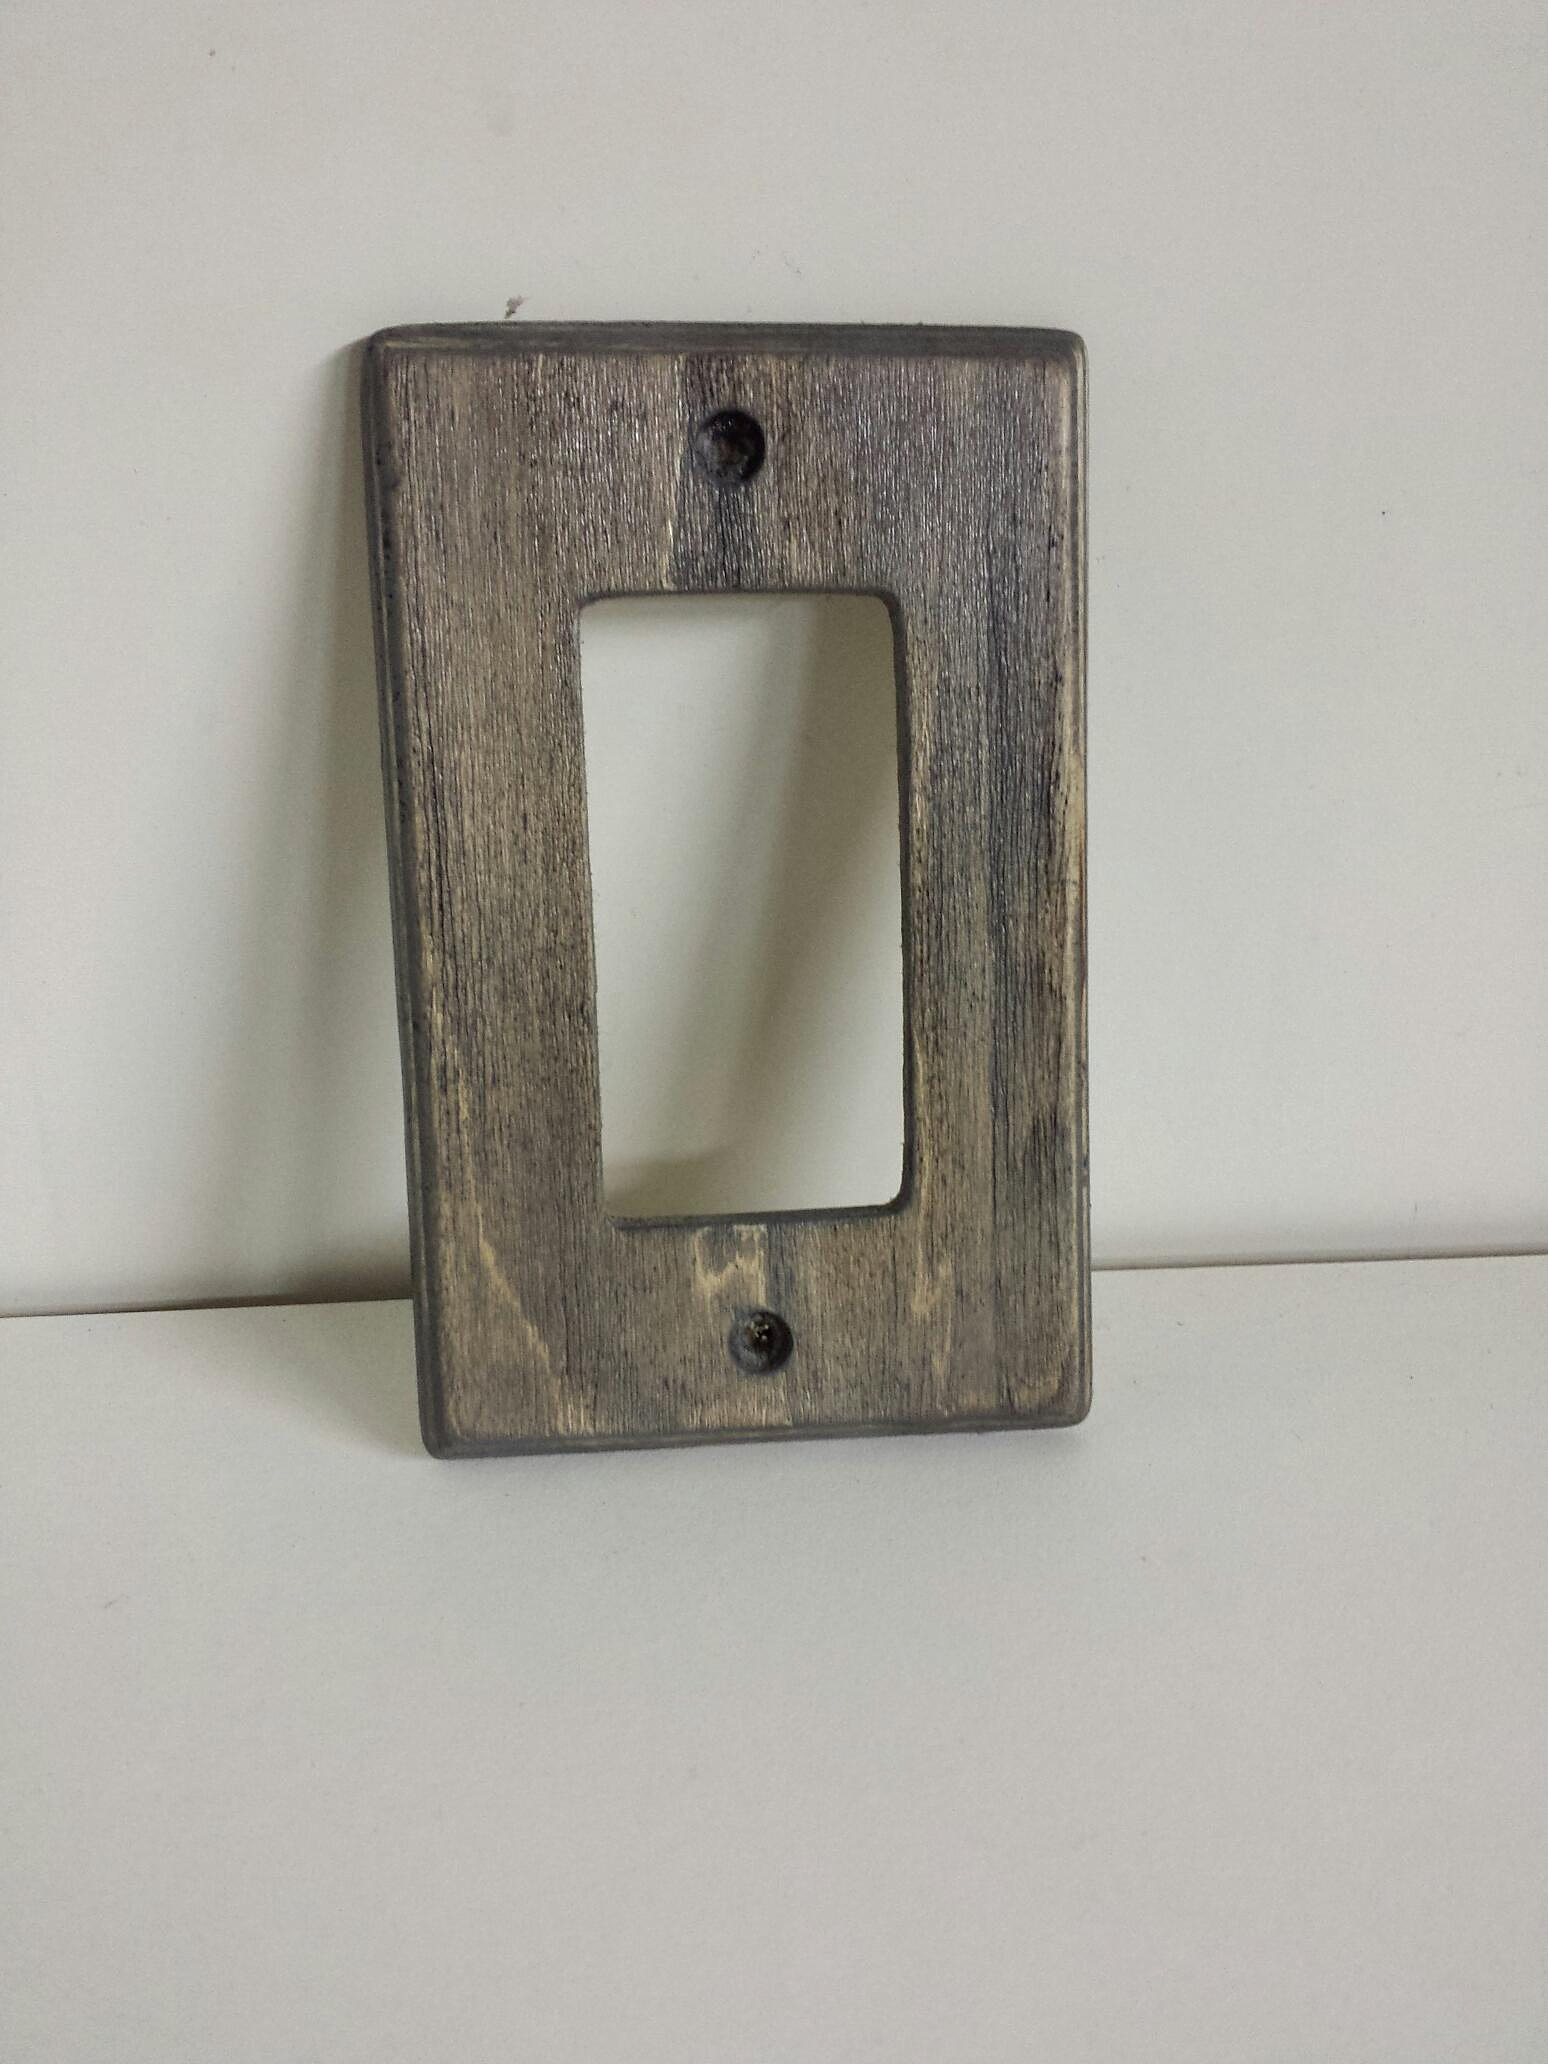 Plaque de prises lectriques - Sorbetiere manuelle et electrique en bois ...